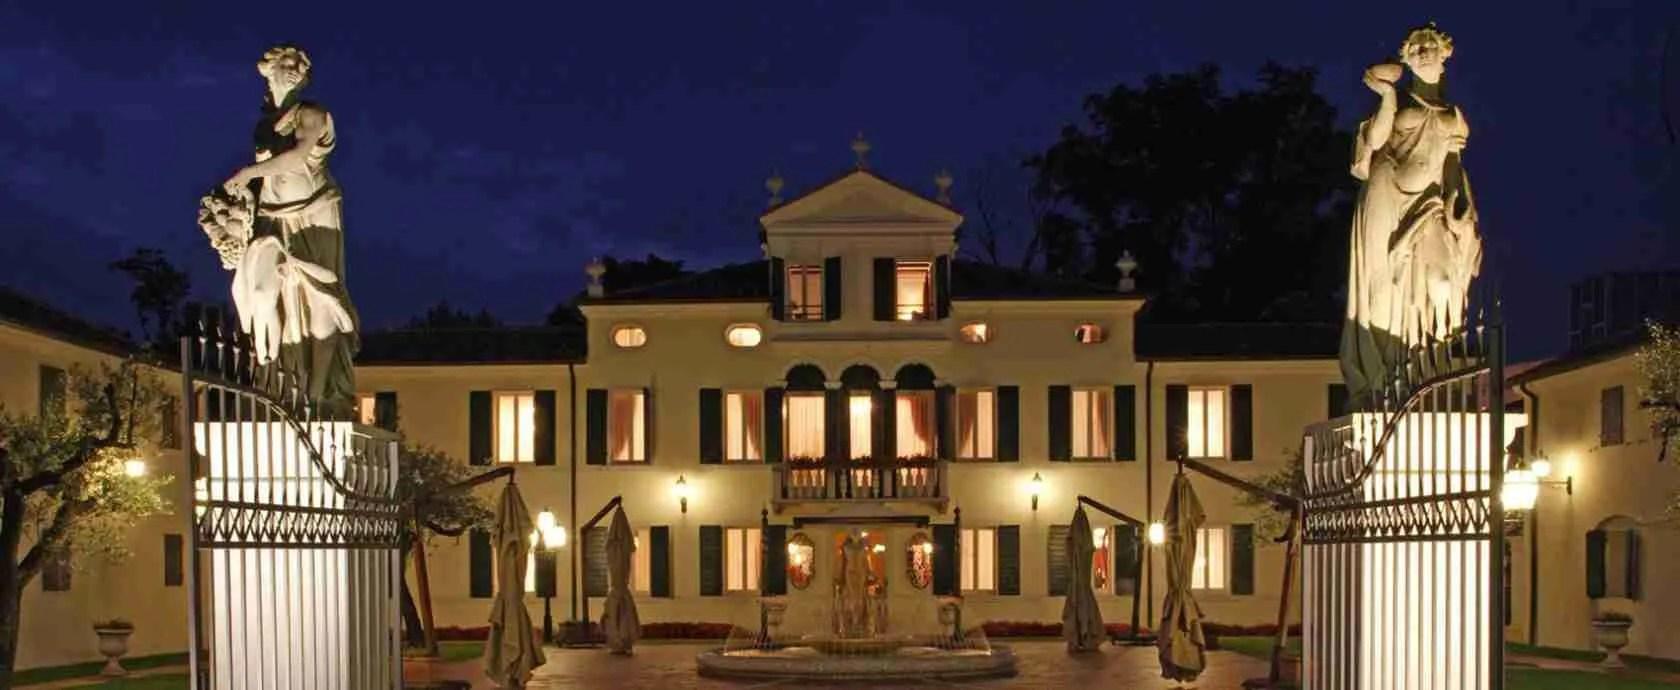 Le escort Treviso adorano i relais di lusso di Treviso dove trascorrere le loro nottate di passione.